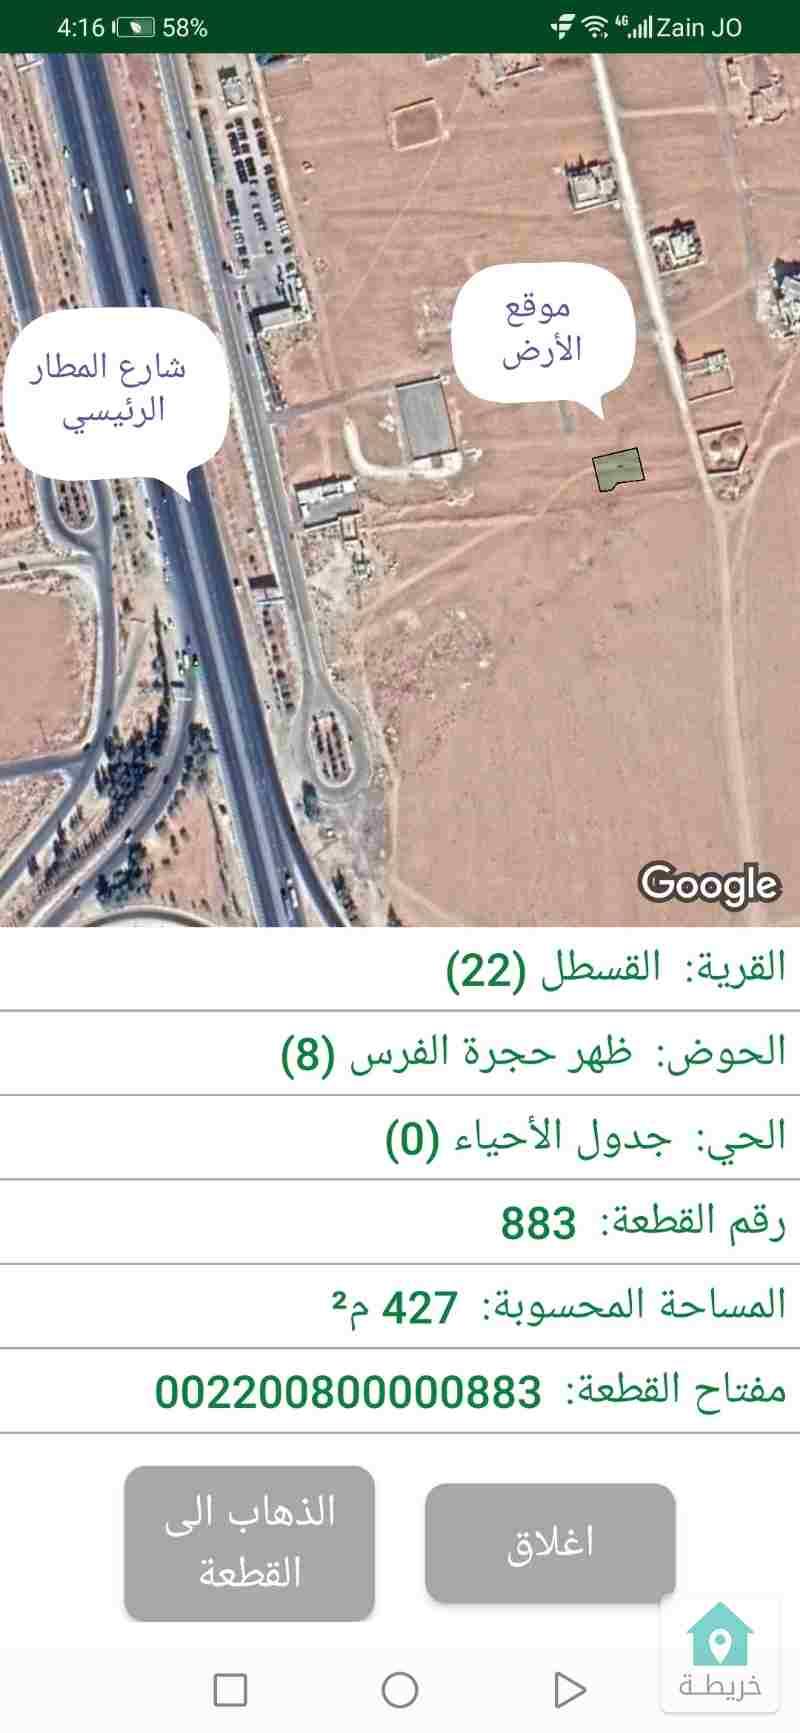 ارض للبيع ٤٢٦ متر القسطل قبل جسر المطار خلف Avis للسيارات السياحية ٣٢ ألف